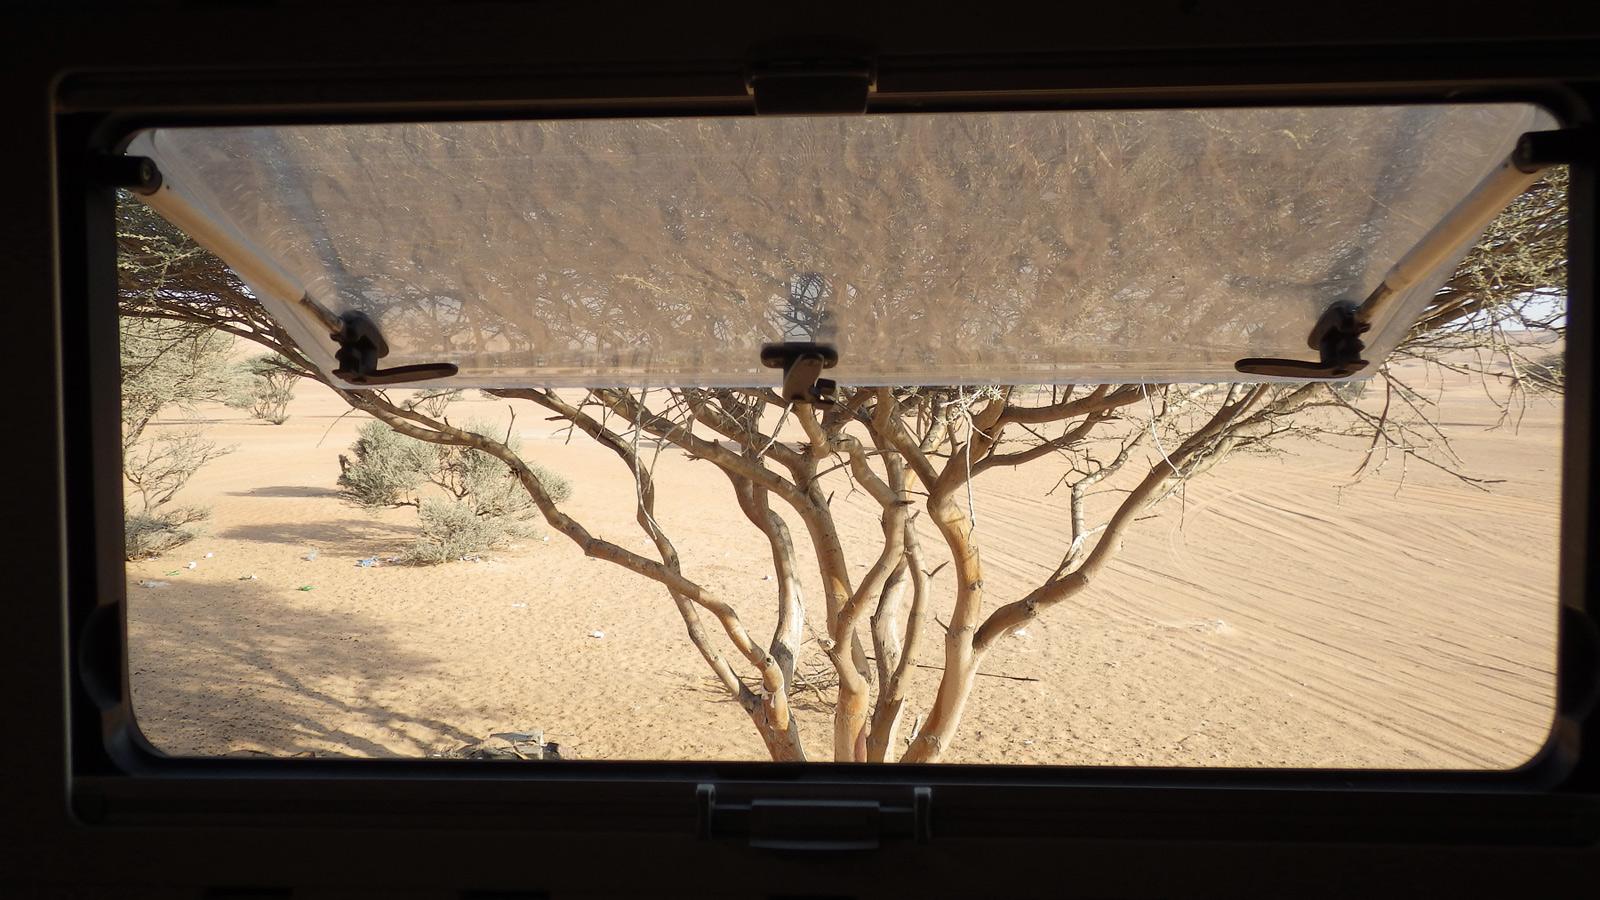 IMGP2736_2016_01_05-Wahiba-Sand-vers-Al-Mintirib-(Oman)